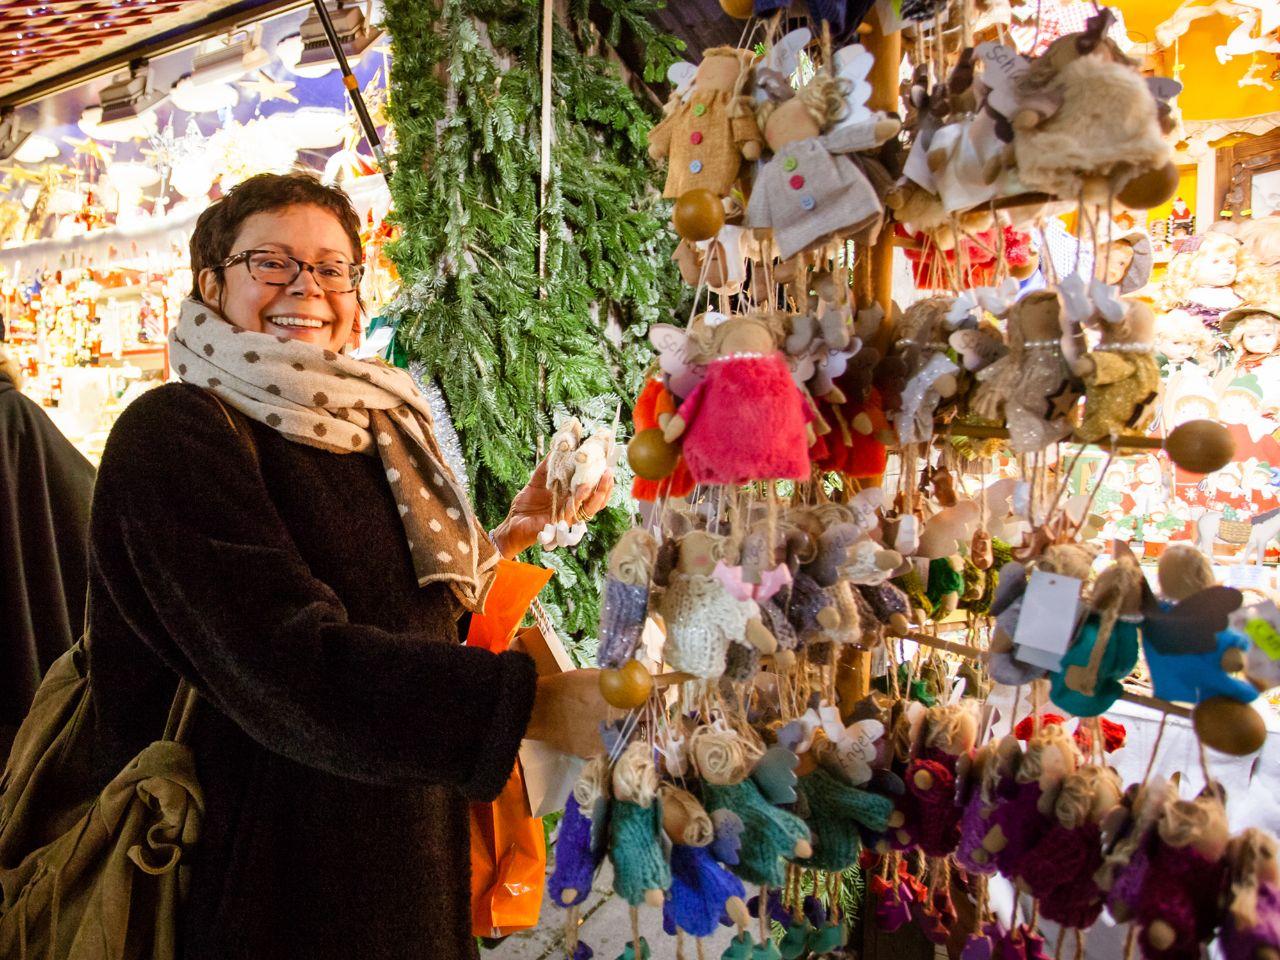 Weihnachtsmarkt Länger Als 24 12.Münchner Christkindlmarkt Rund Um Den Marienplatz Das Offizielle